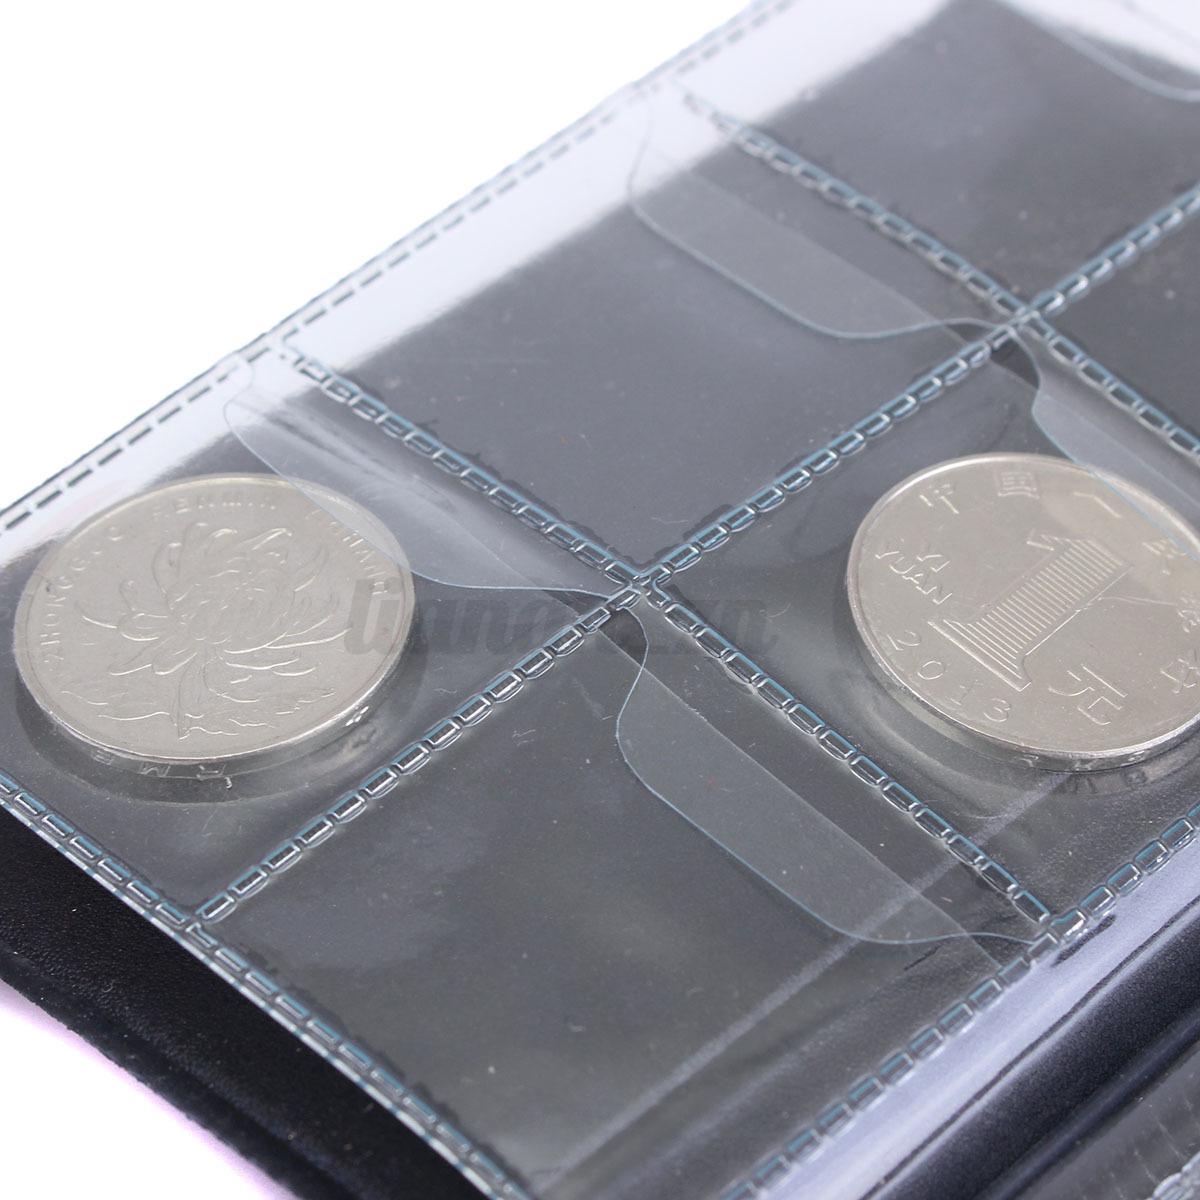 30 poche caisse album etui housse plastique pi ces monnaie - Album photo pochette plastique ...